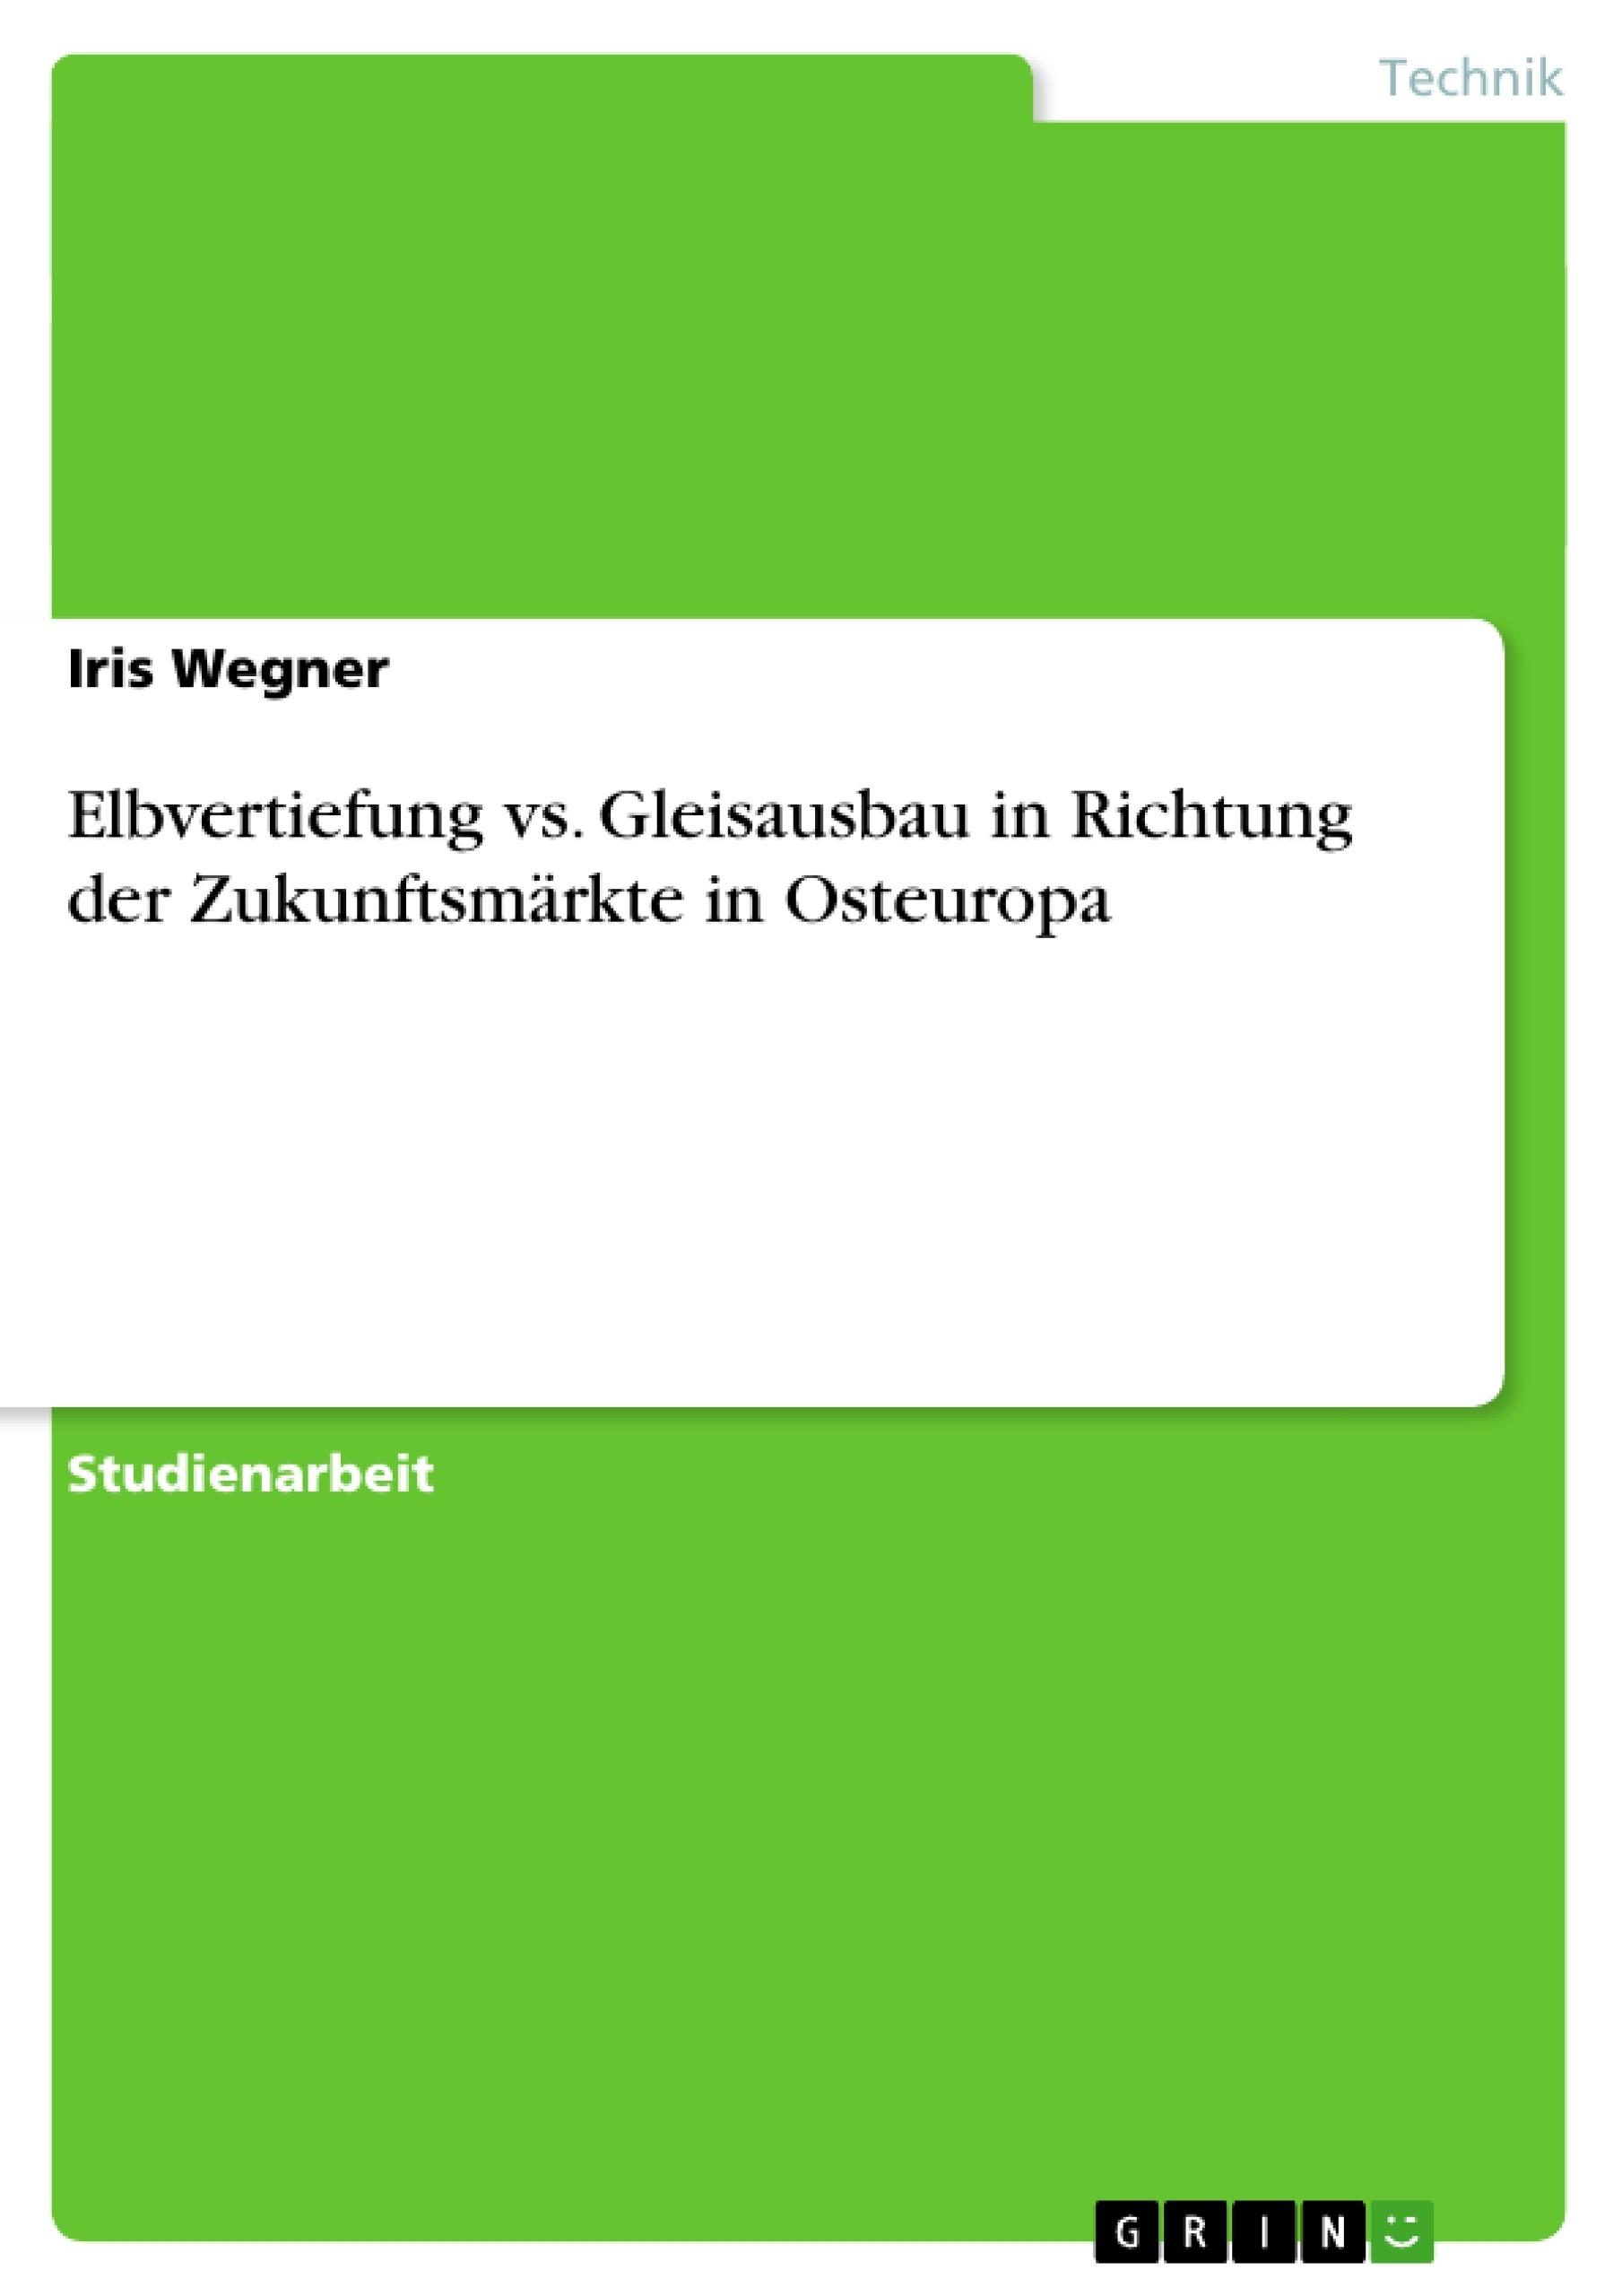 Titel: Elbvertiefung vs. Gleisausbau in Richtung der Zukunftsmärkte in Osteuropa